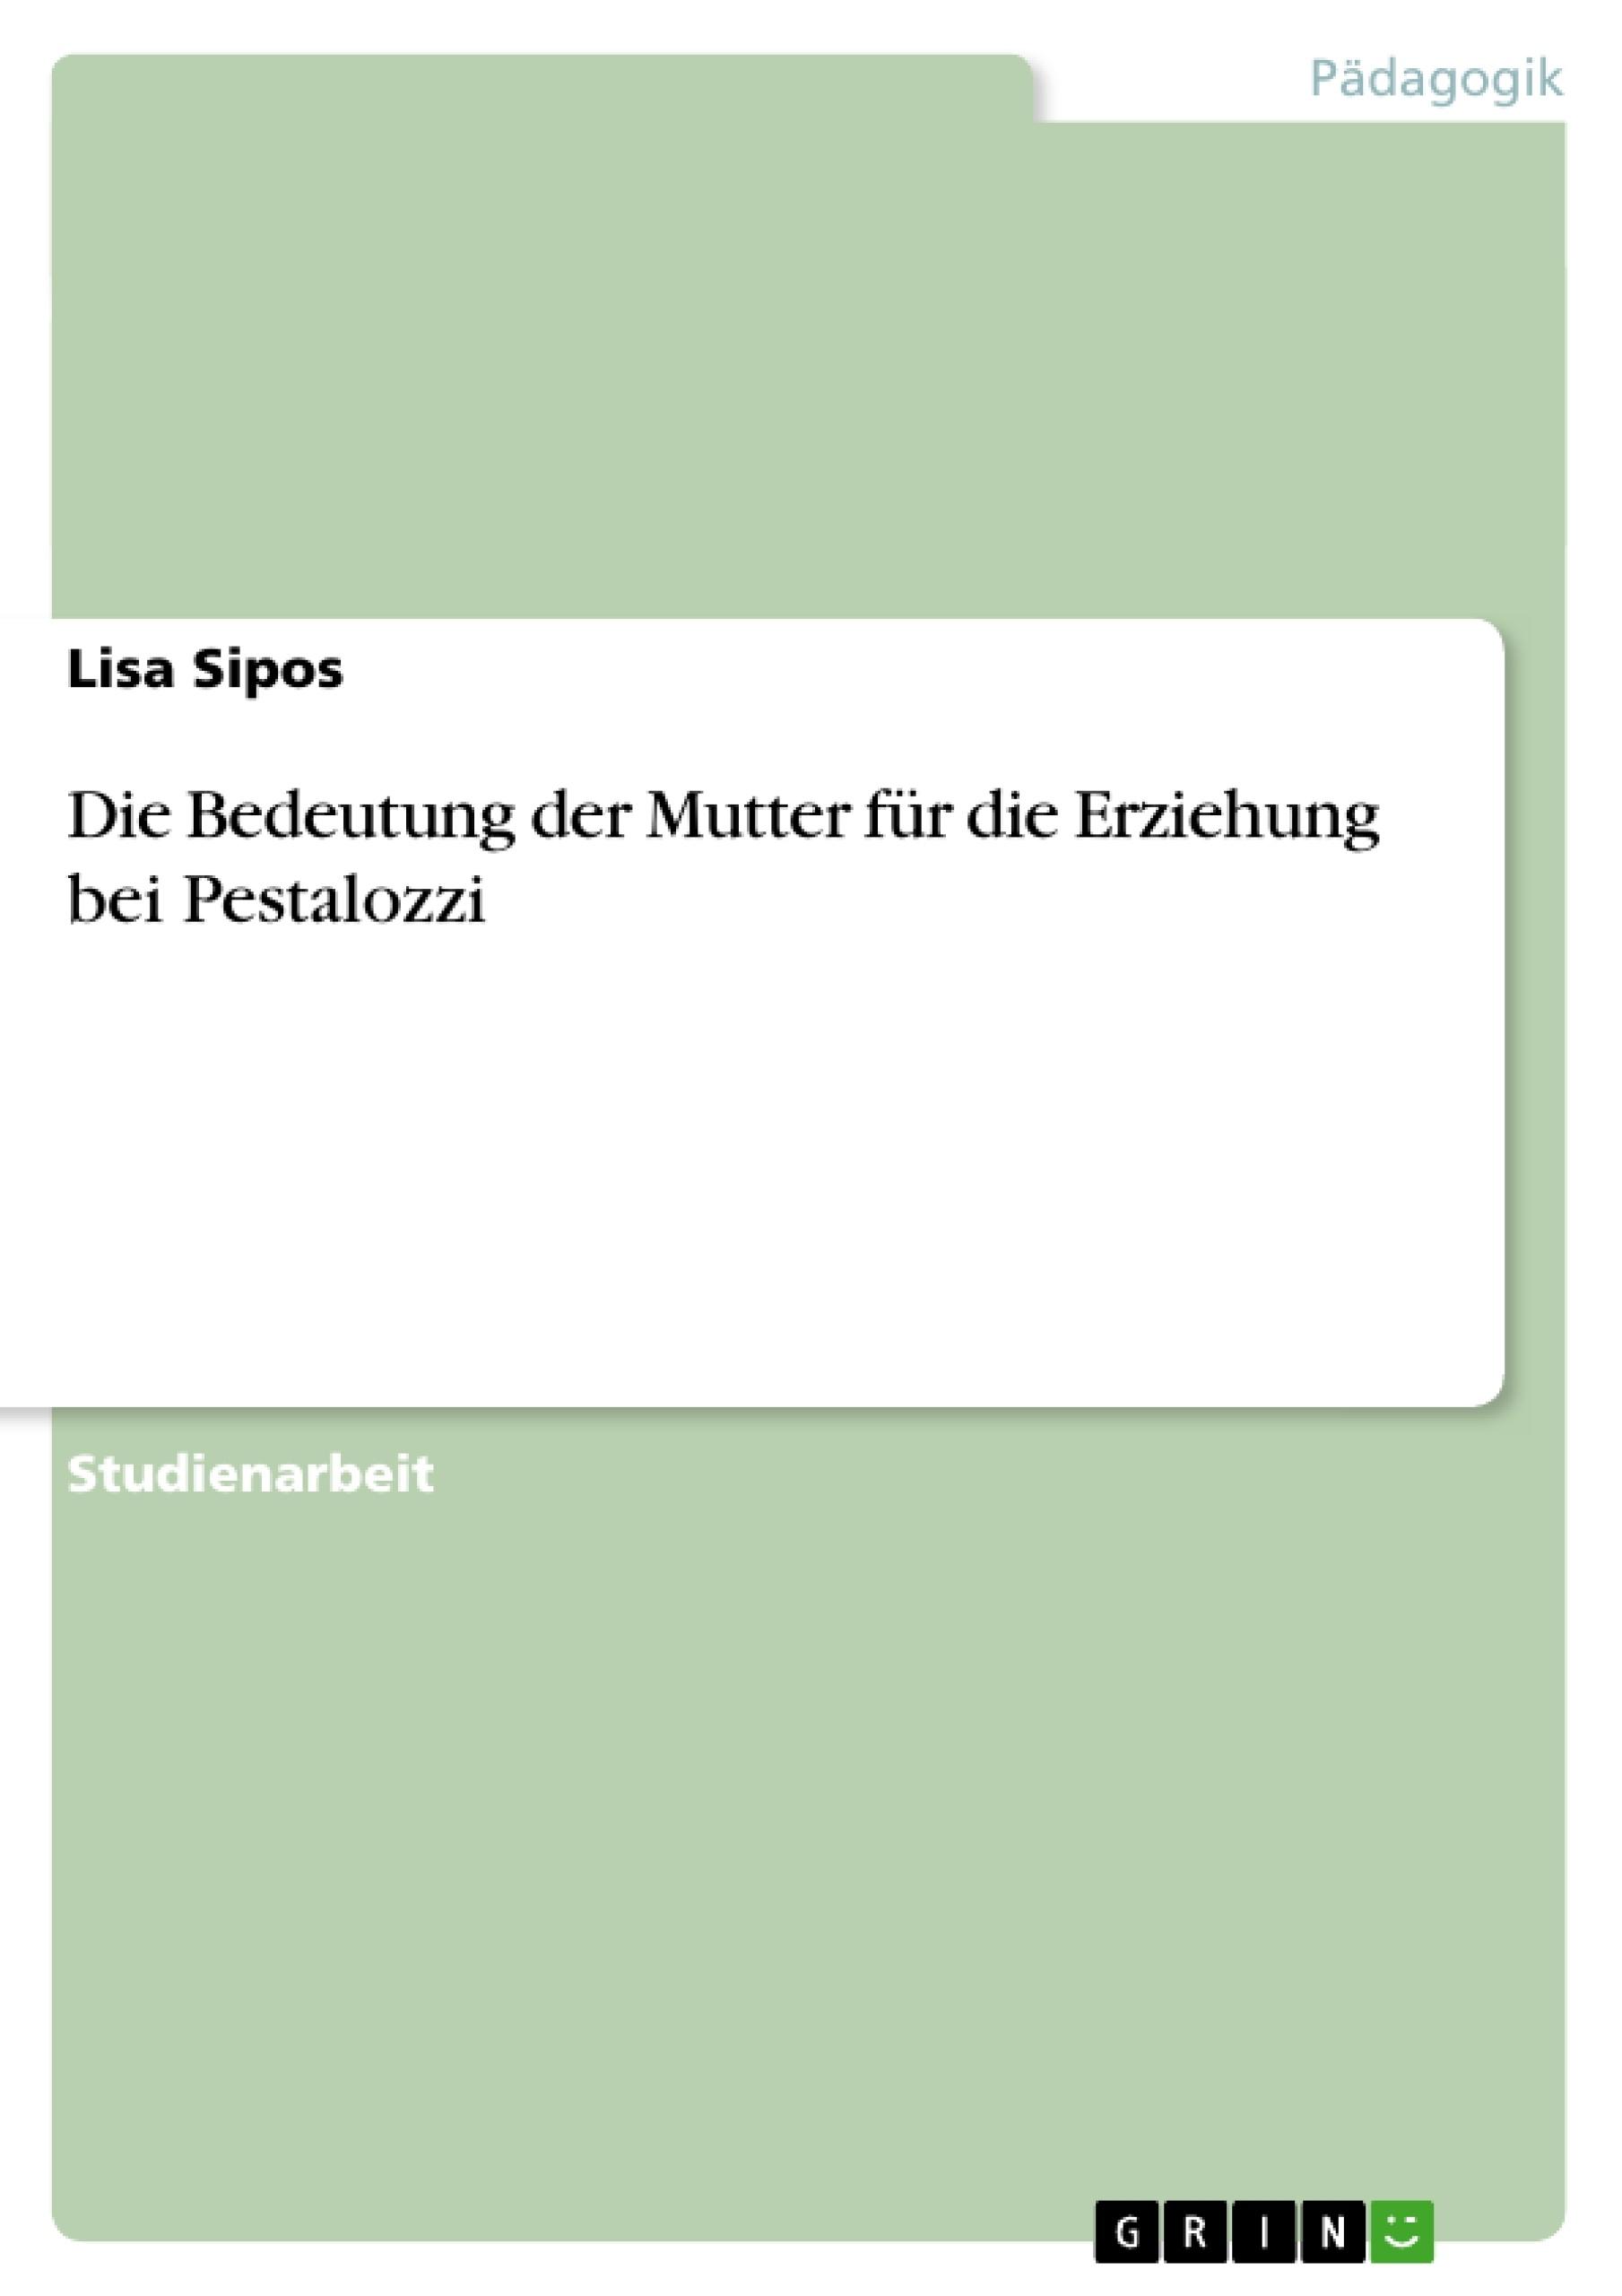 Titel: Die Bedeutung der Mutter für die Erziehung bei Pestalozzi